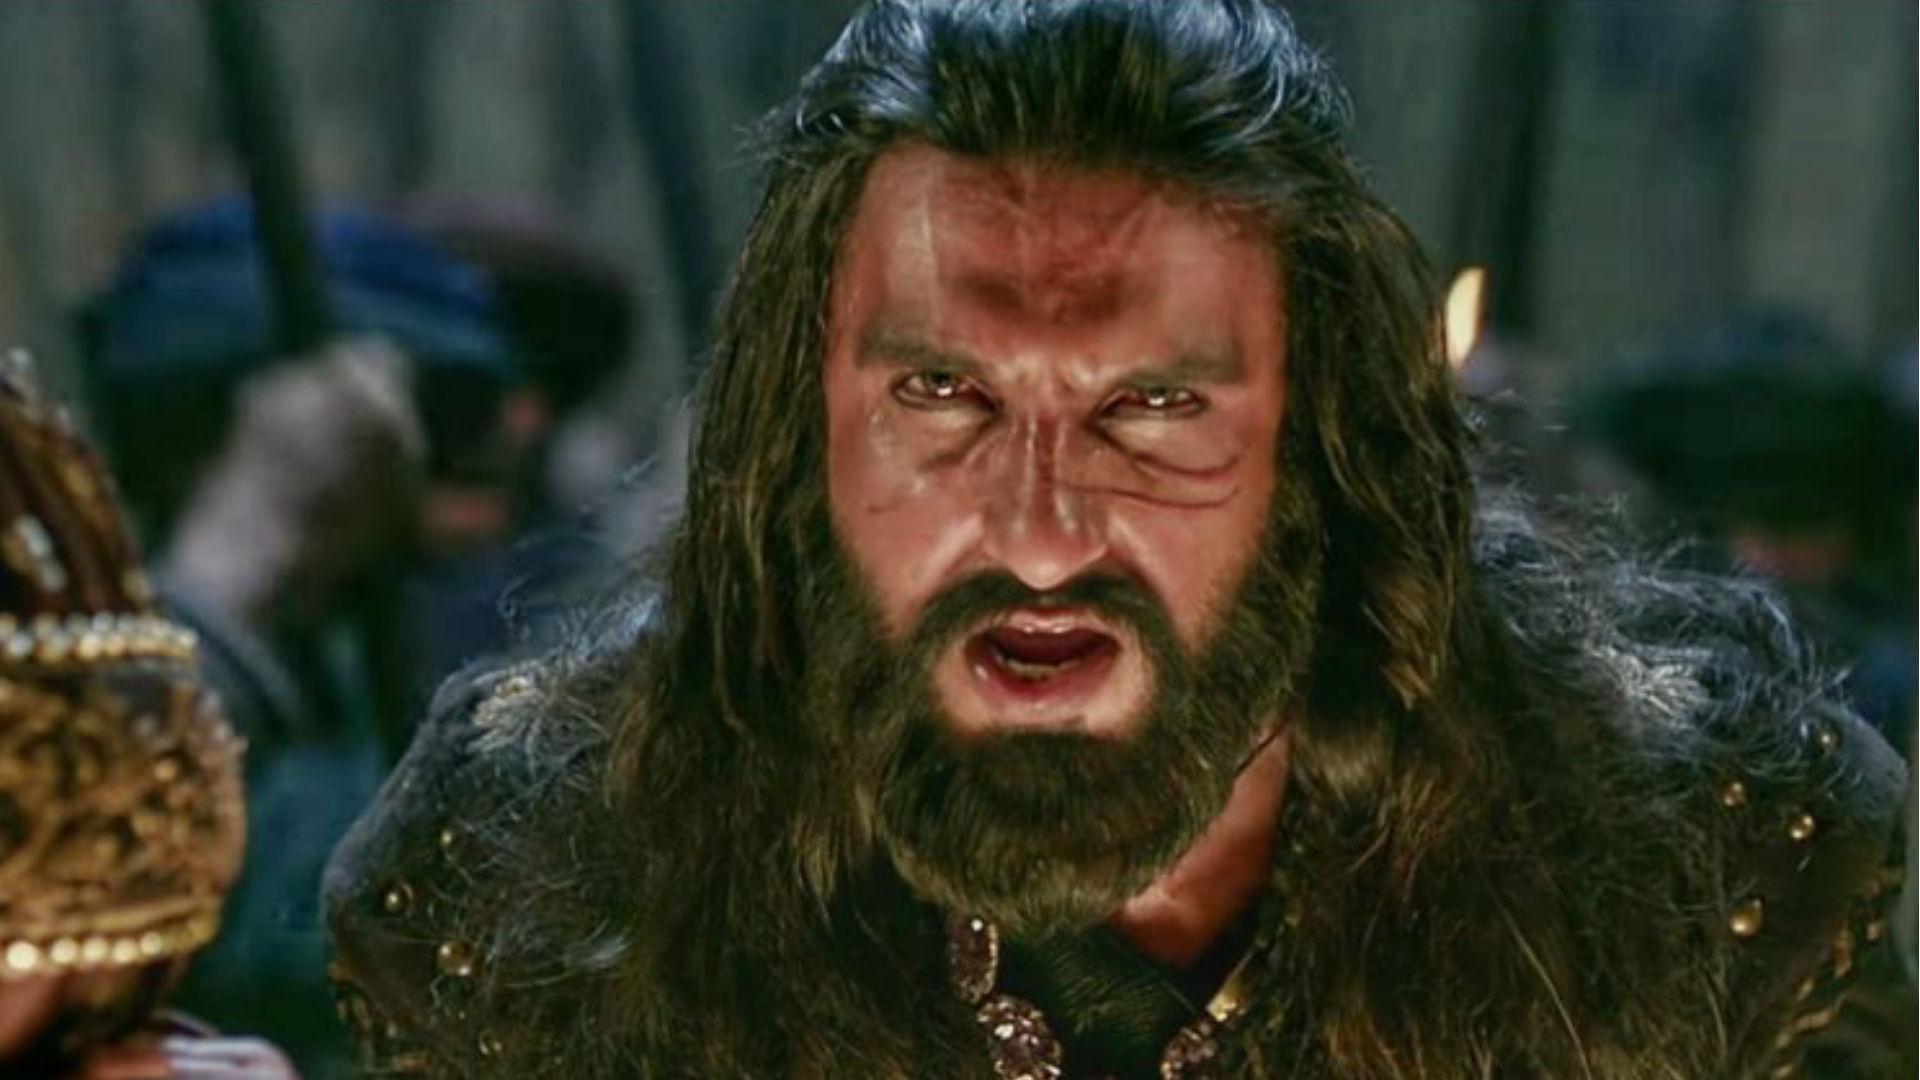 VIDEO: रणवीर सिंह को किया ट्रोल, तो गुस्से में बोले एक्टर- काम धंधा नहीं है, मेरी लाइफ में क्यों आए?